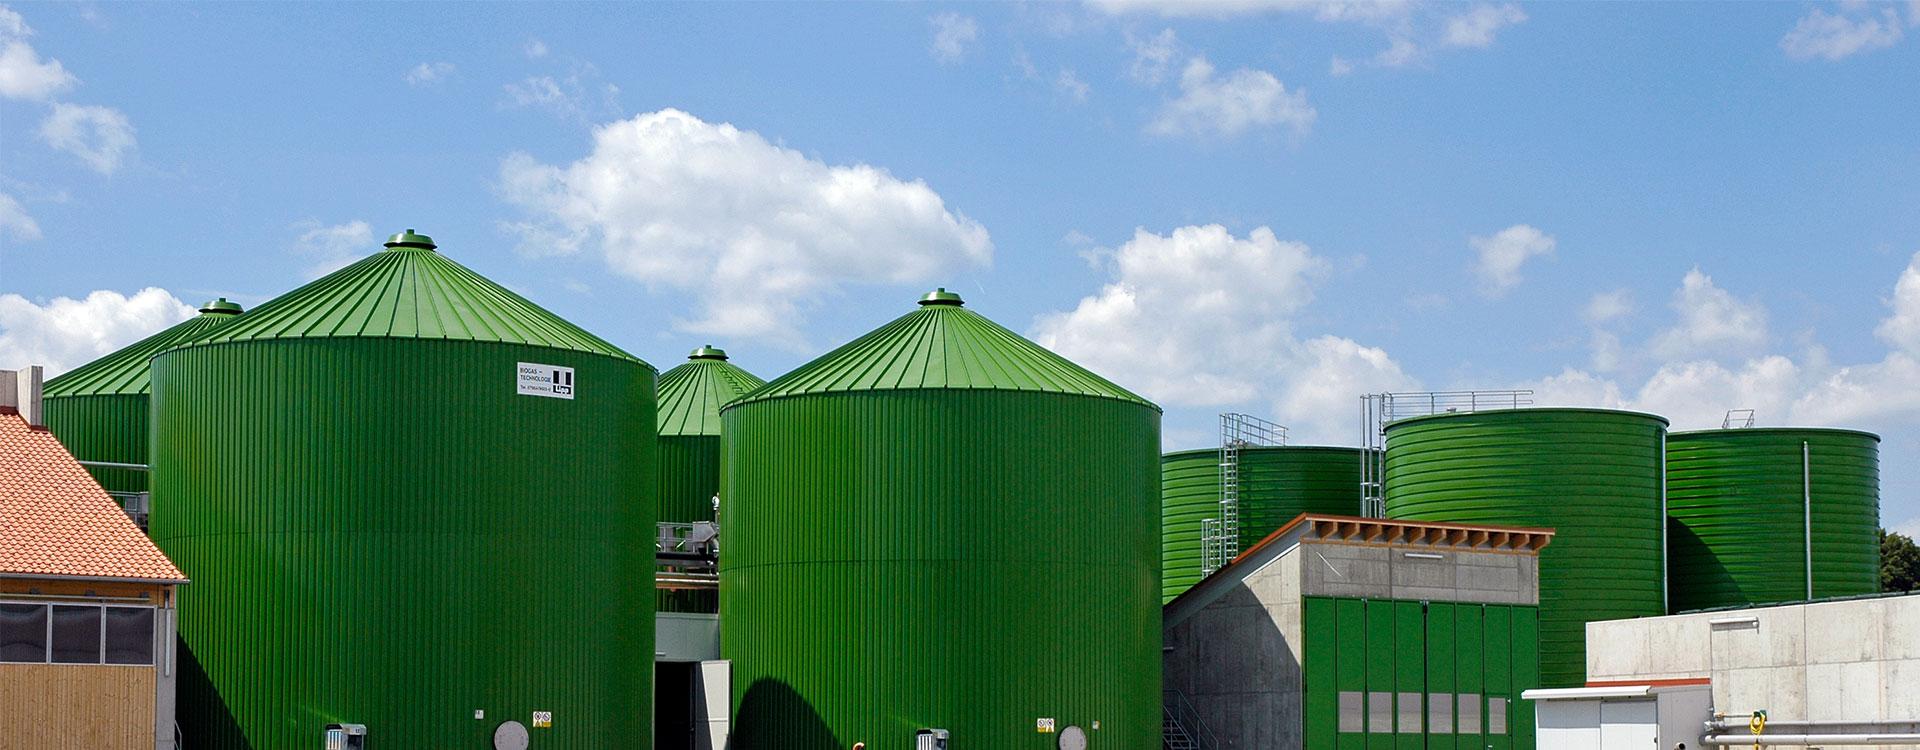 KomBio-Reactor industry